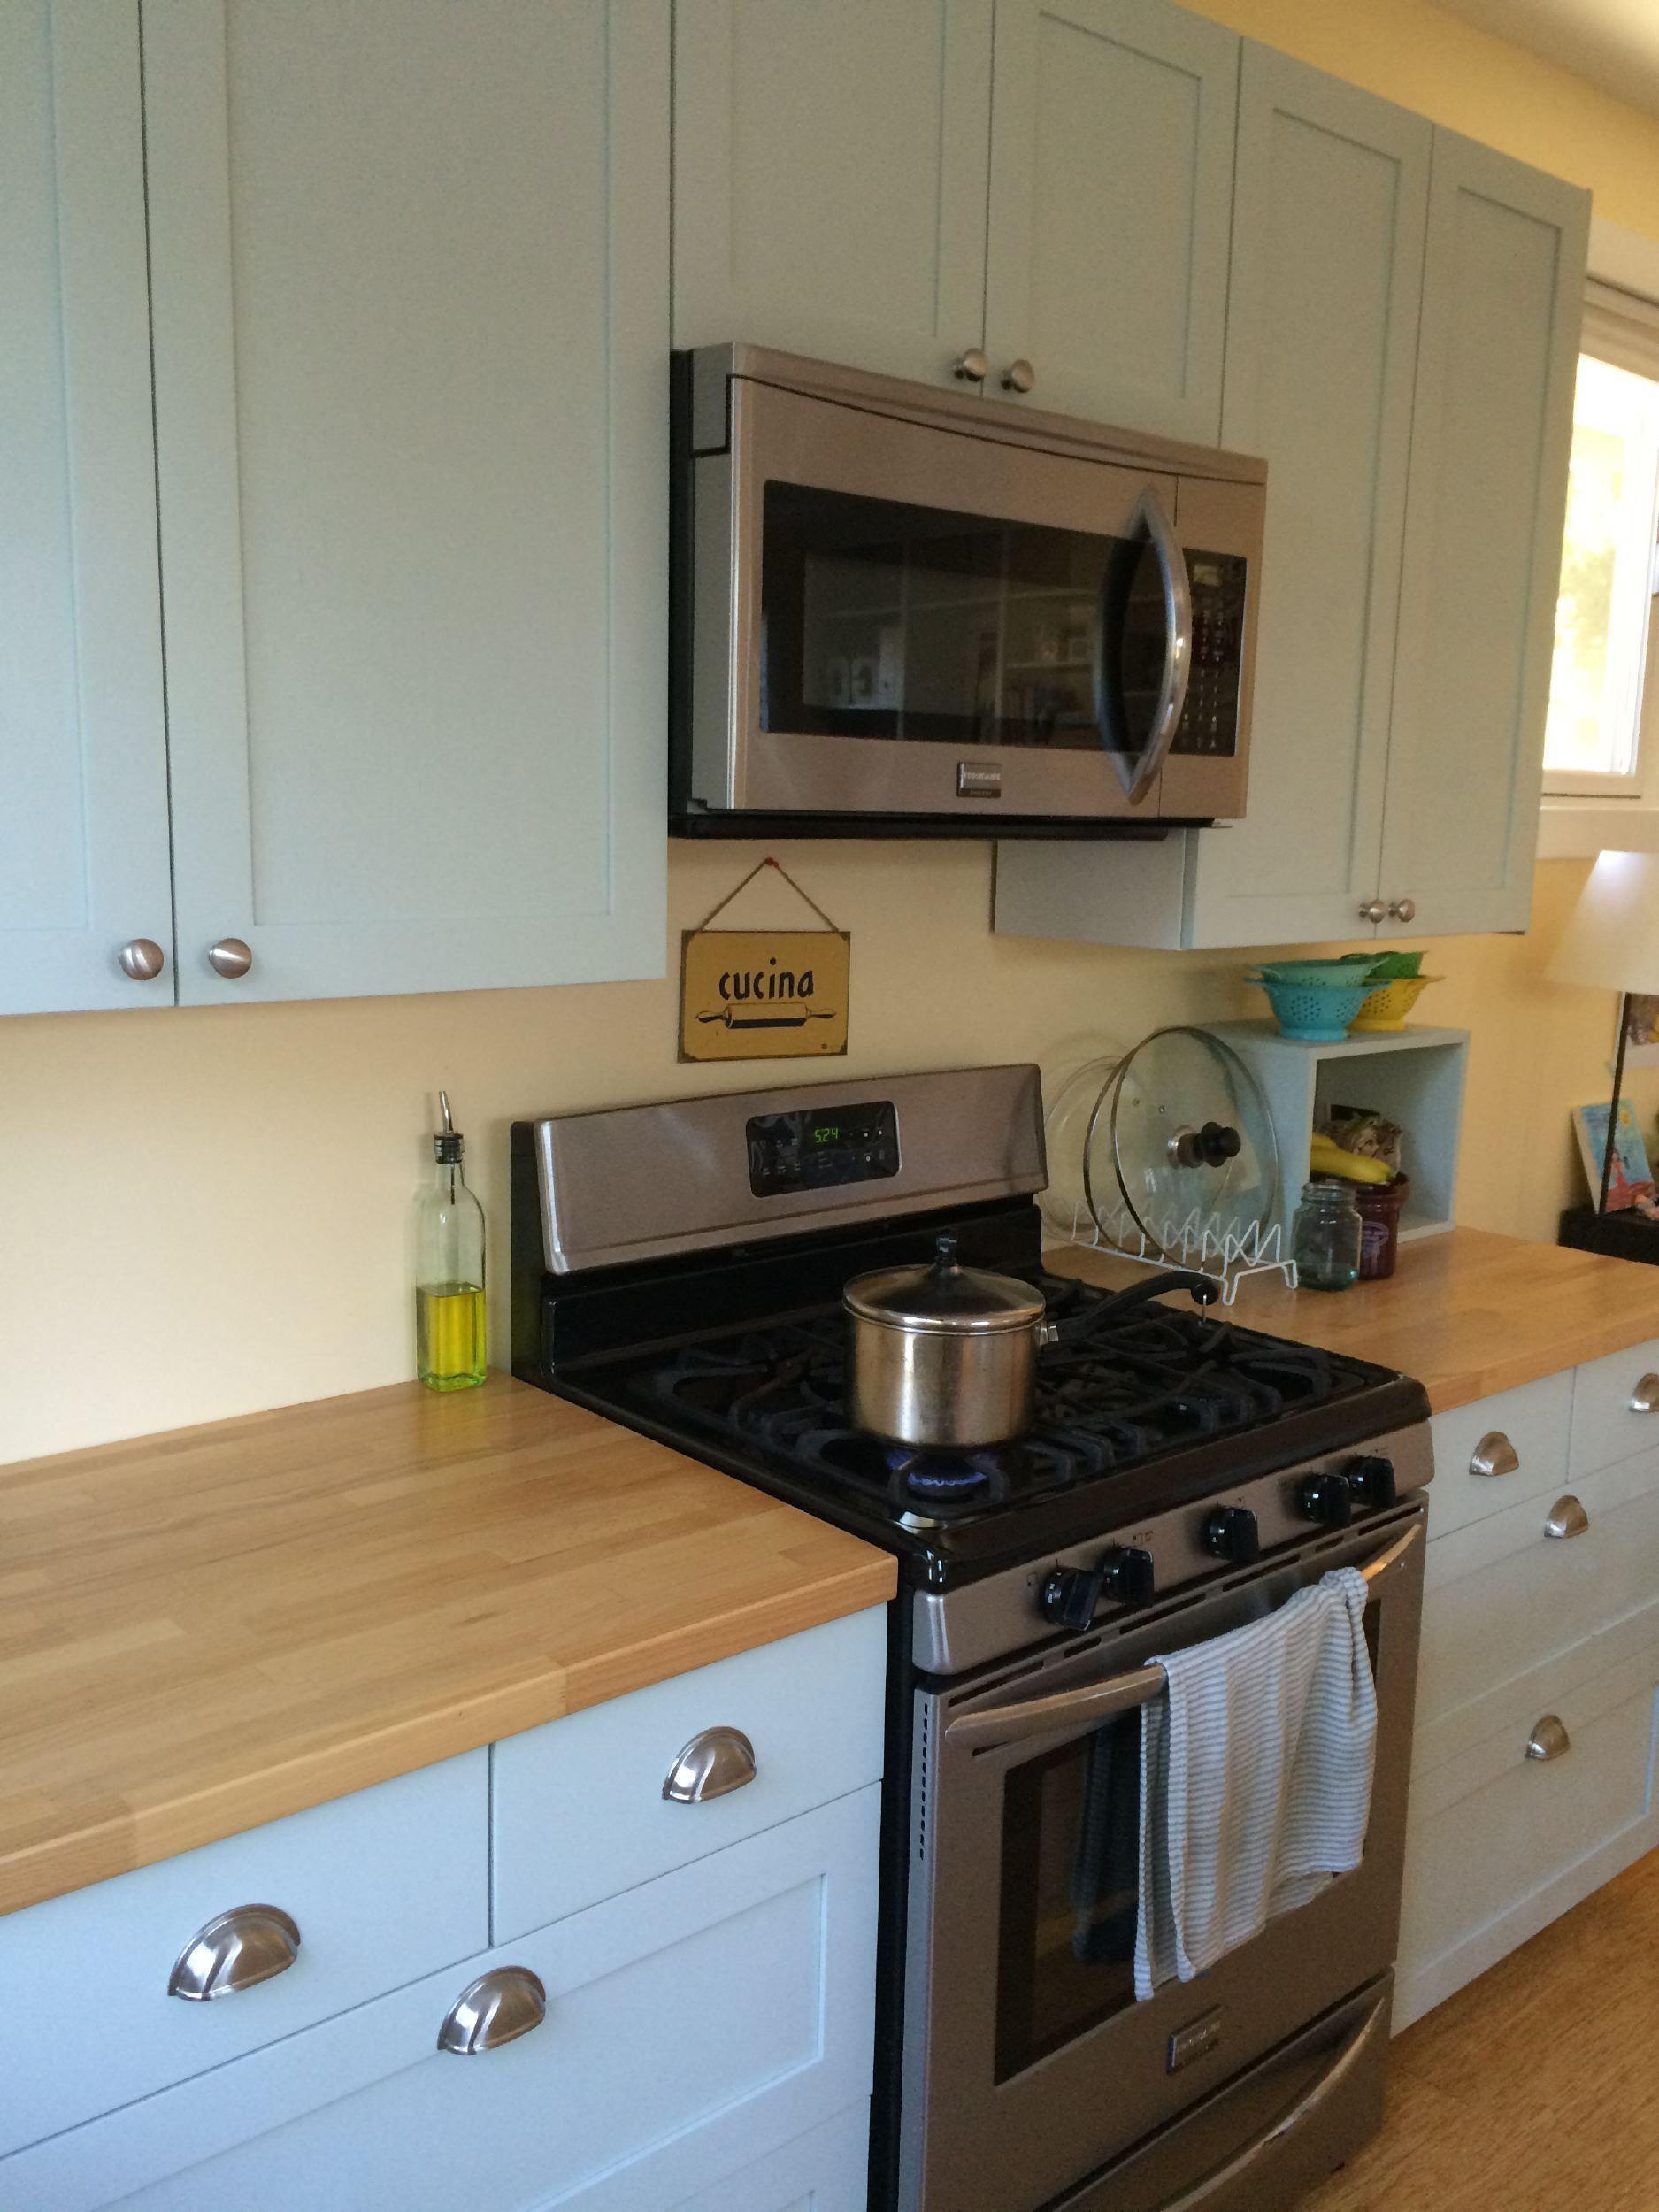 How to paint Ikea kitchen Kitchen